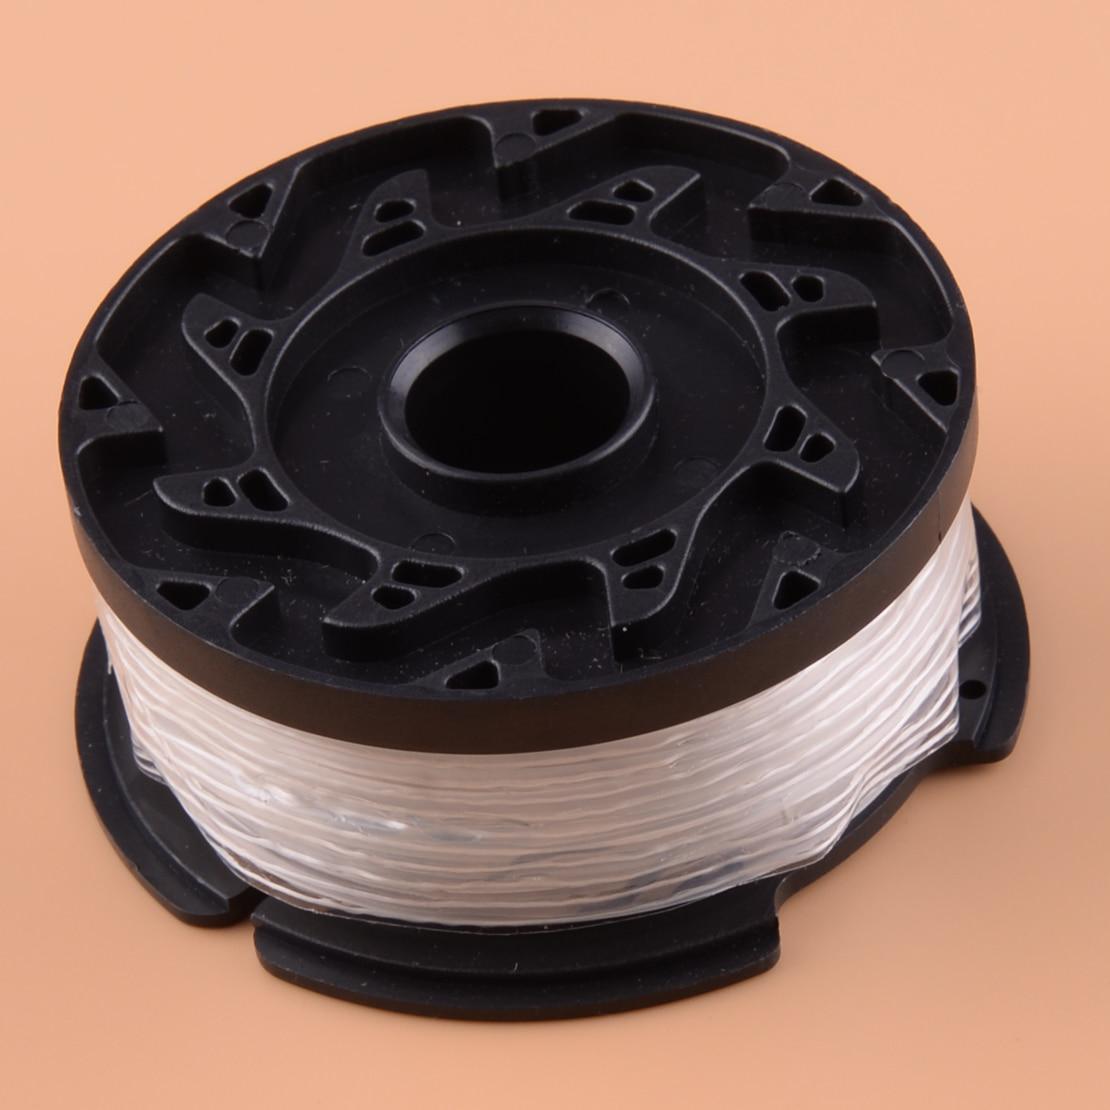 LETAOSK New Trimmer Line Fit For BLACK&DECKER GH400 GH500 GH600 GH612 GH900 NST2018 NST1118 NST2118 LST220 LST300 LST400 LST420